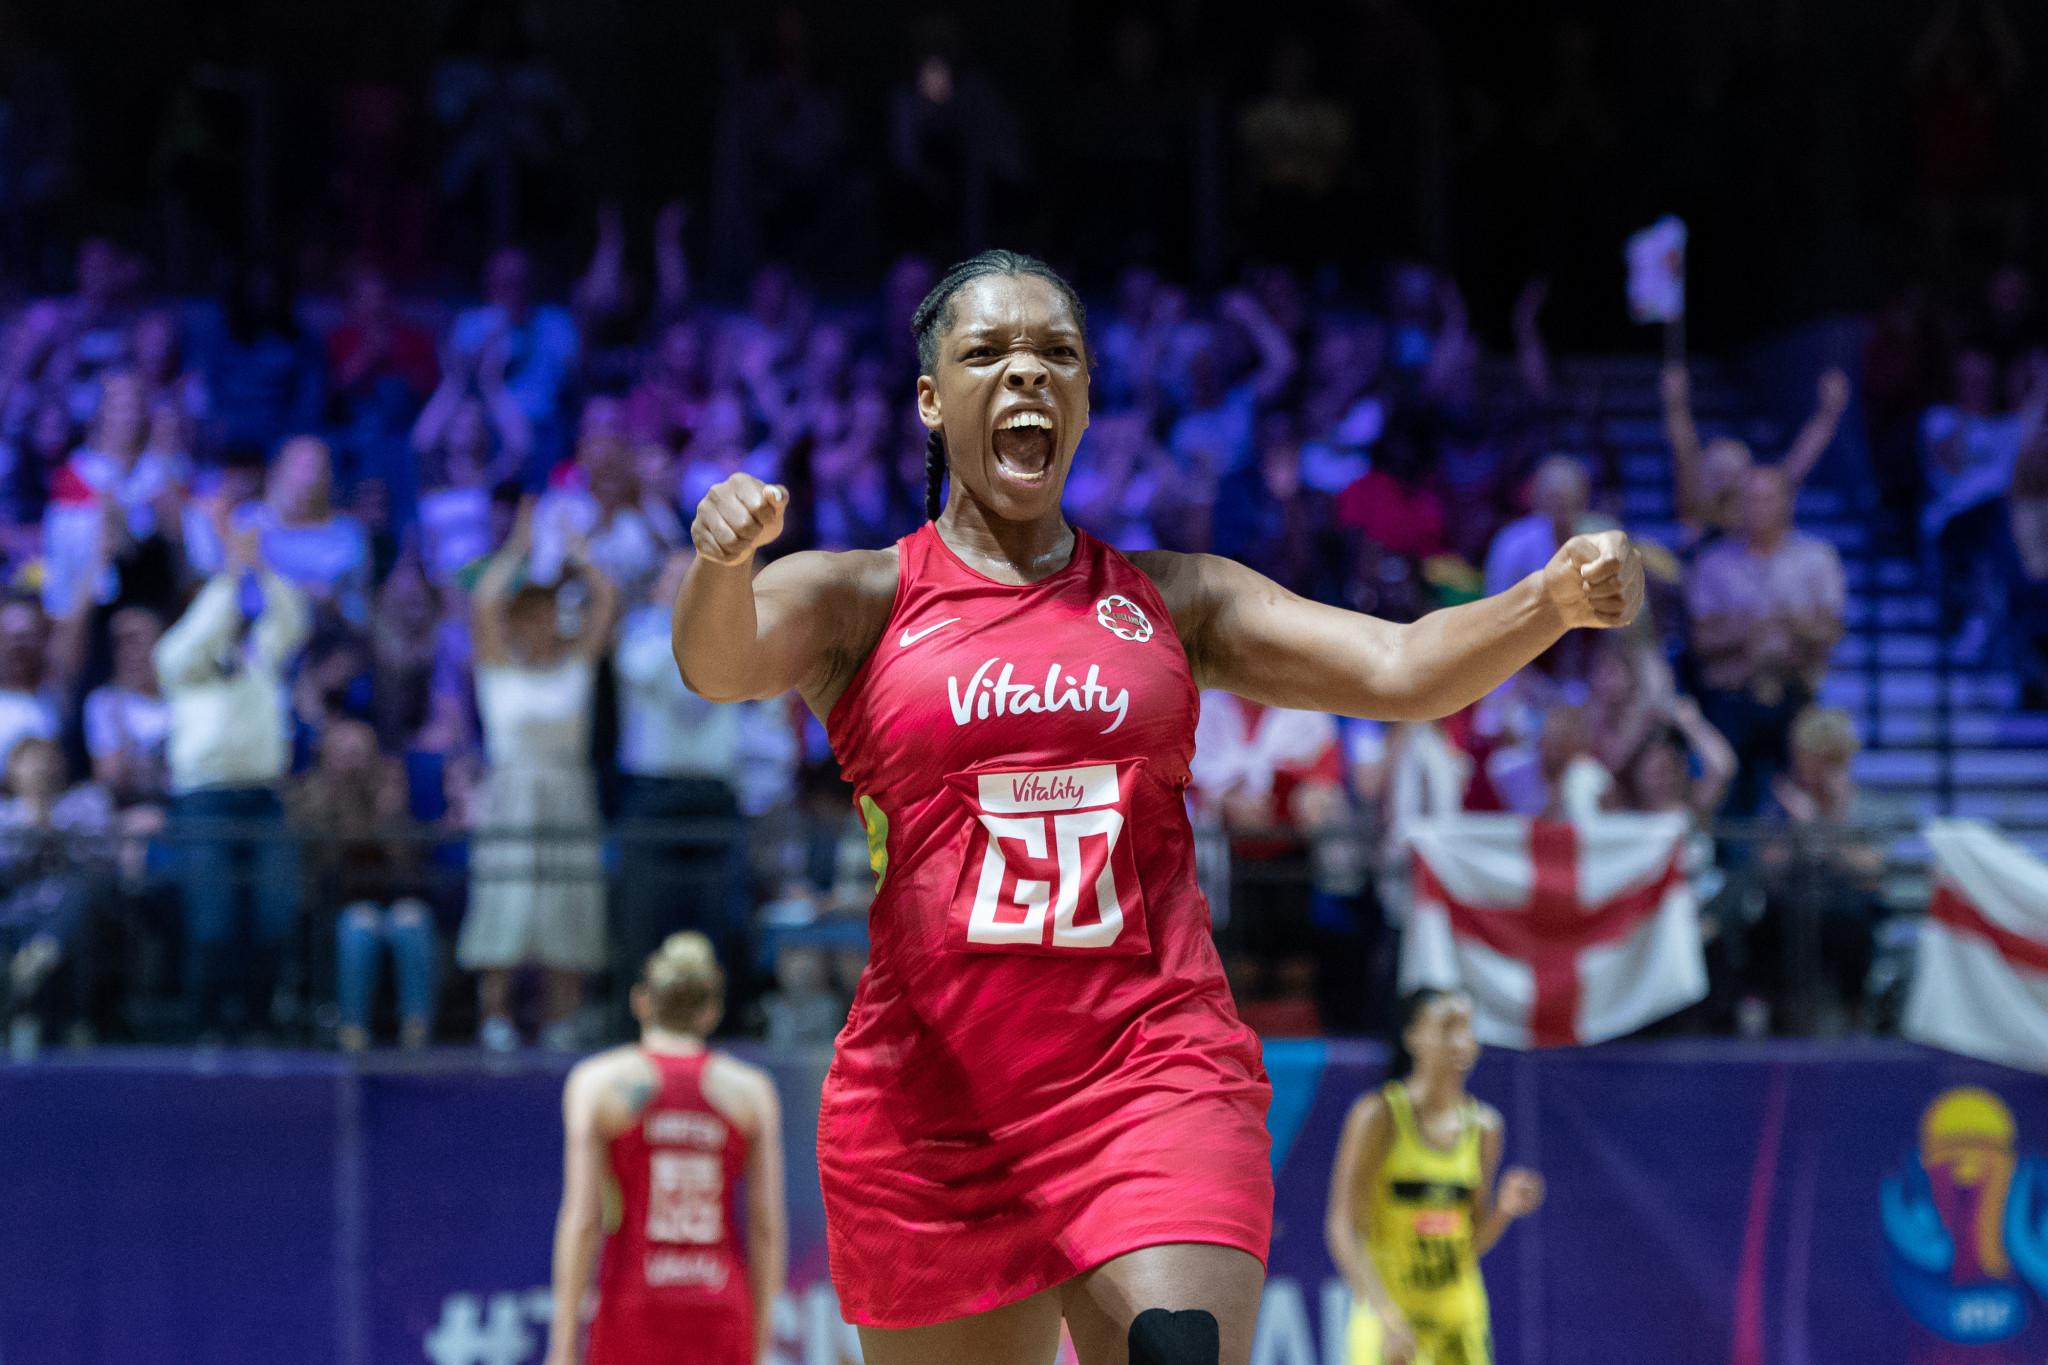 Juegos Birmingham 2022 otorgará más medallas a mujeres que a hombres